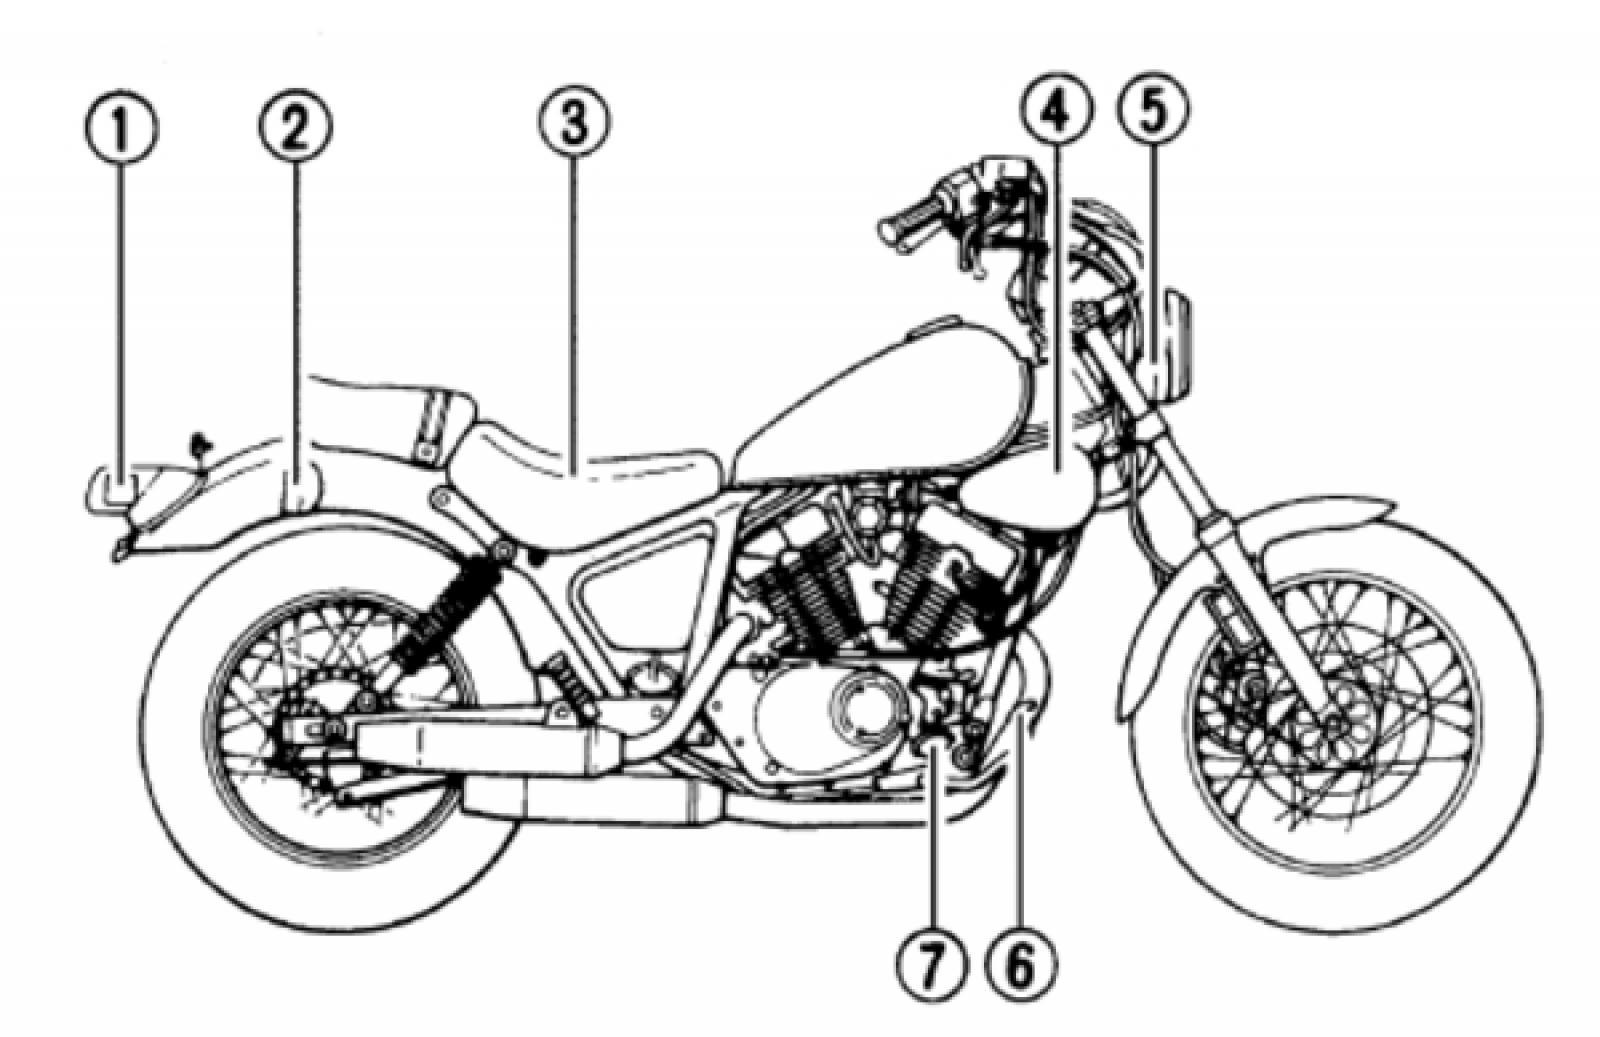 hight resolution of kawasaki super sherpa wiring diagram